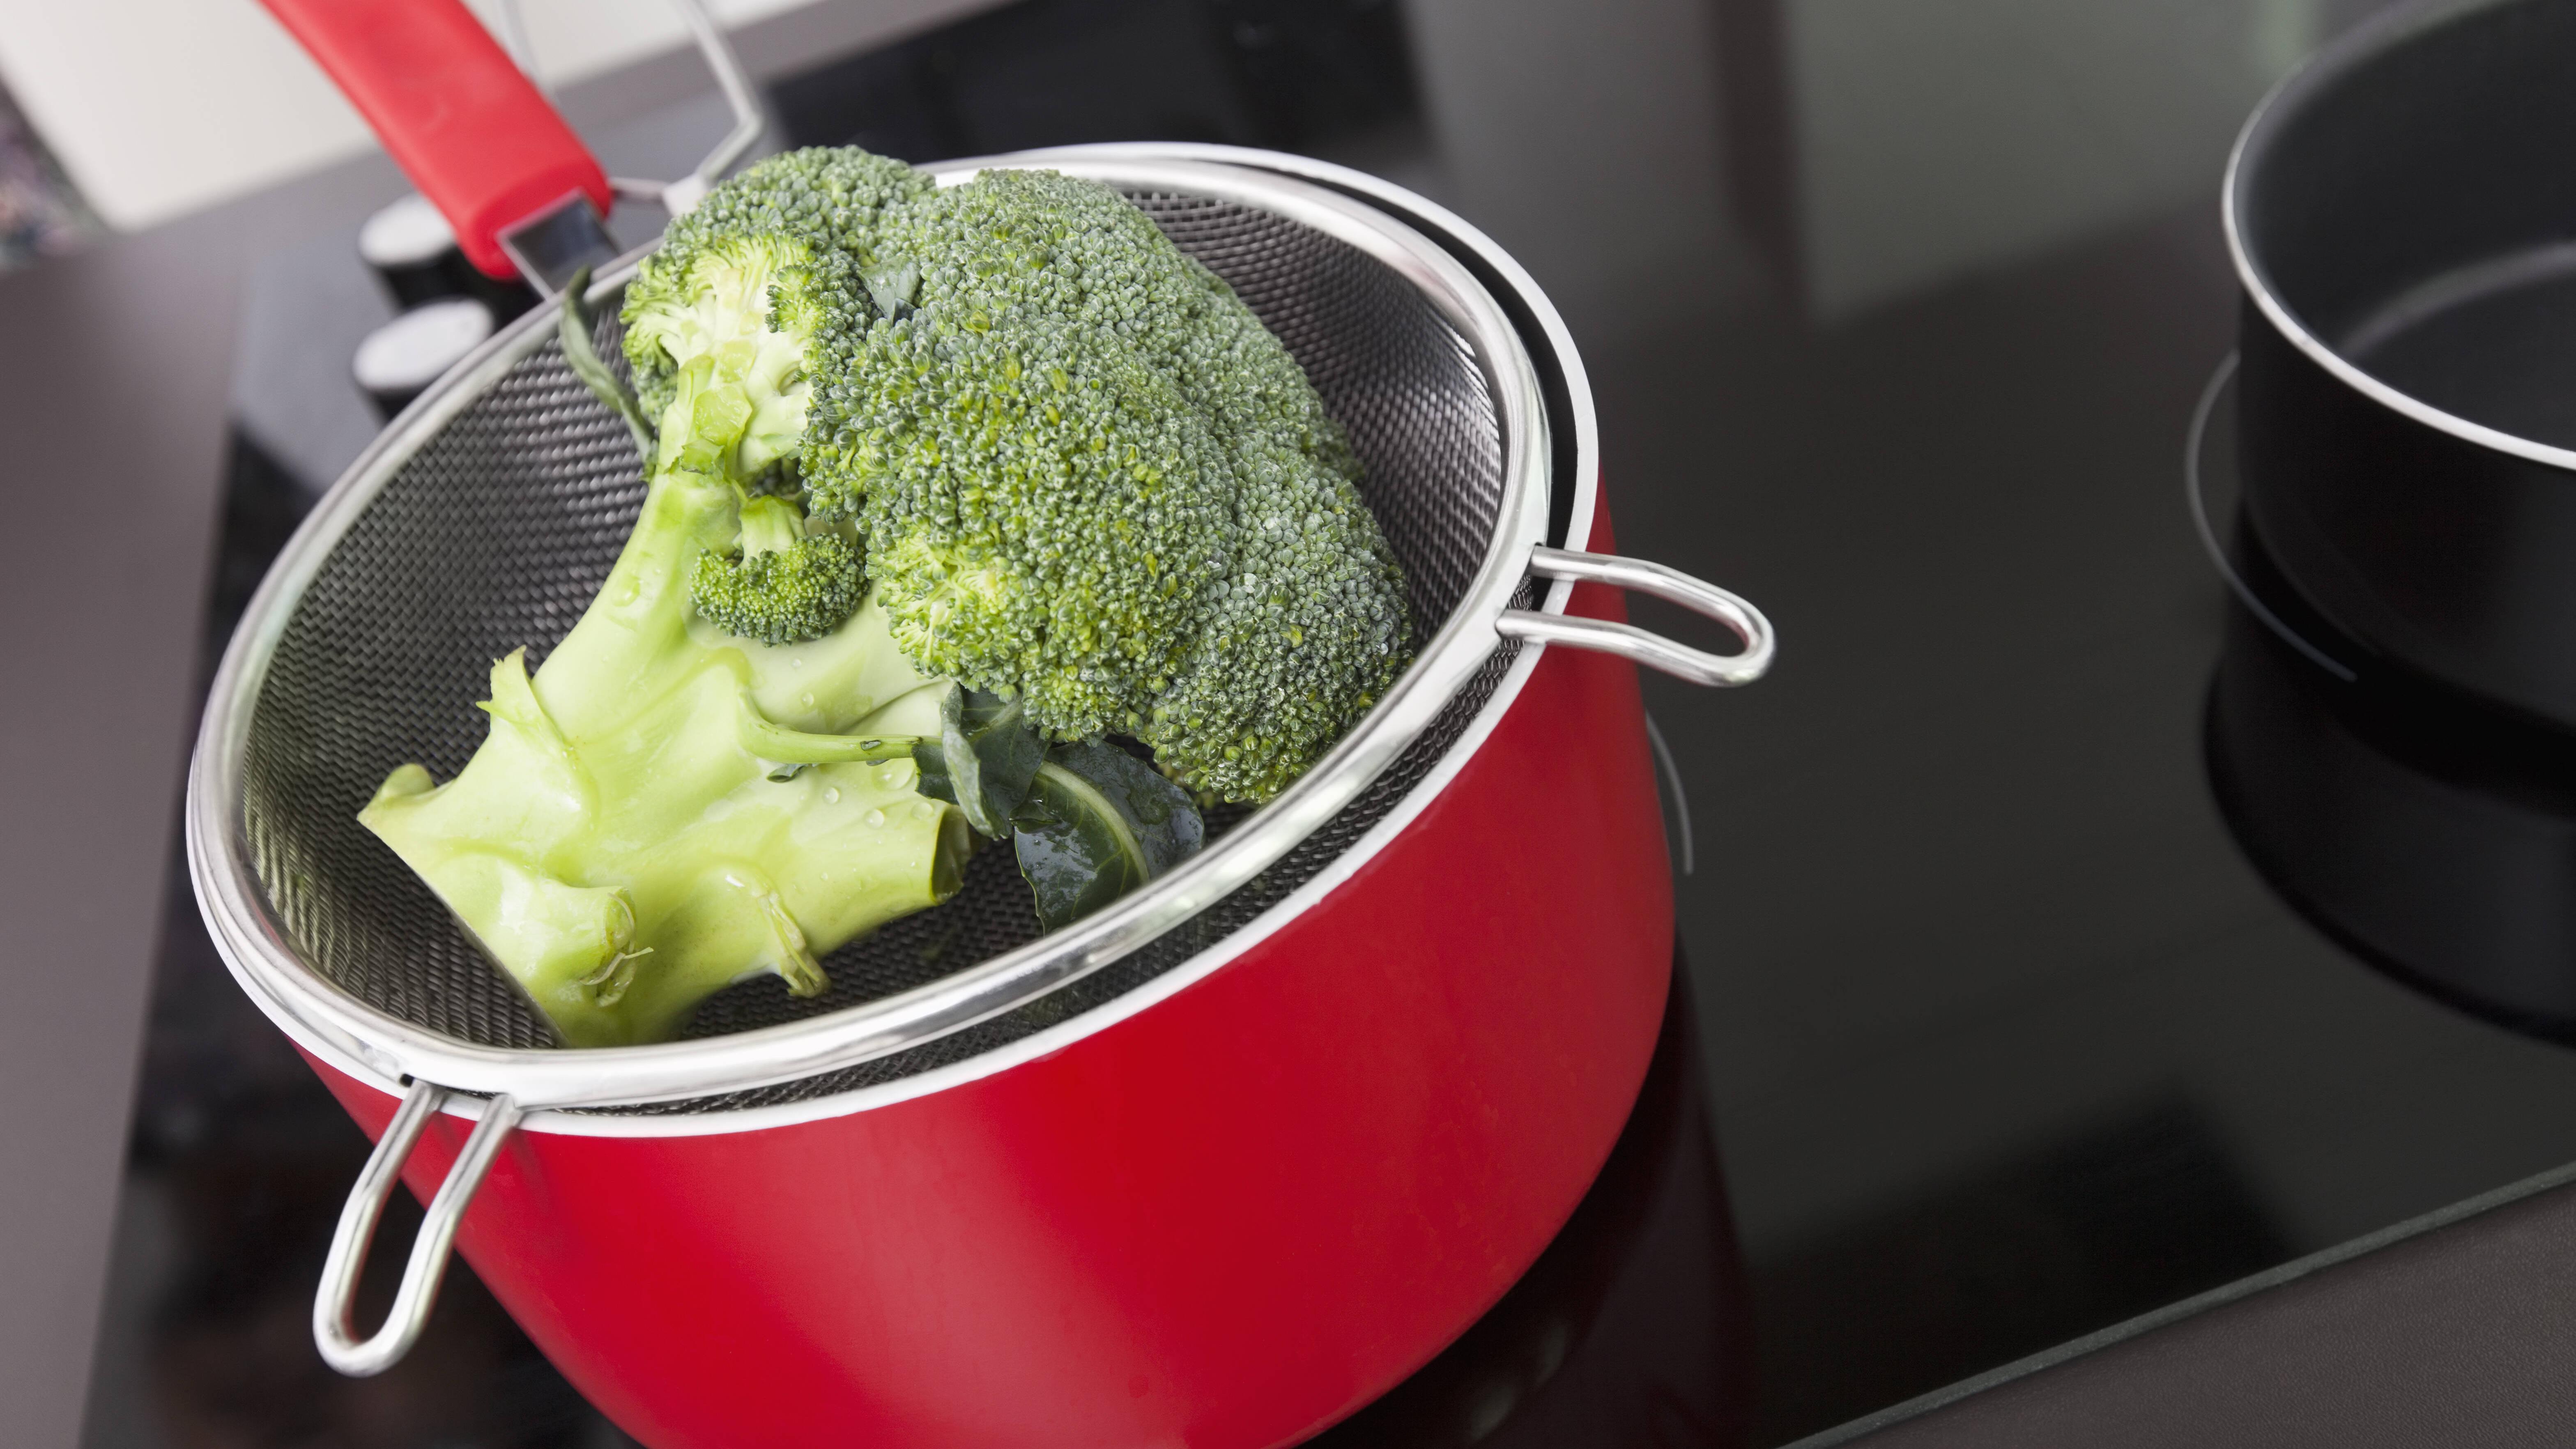 Um Brokkoli zu blanchieren brauchen Sie neben einem Kochtopf nur wenige weitere Hilfsmittel.